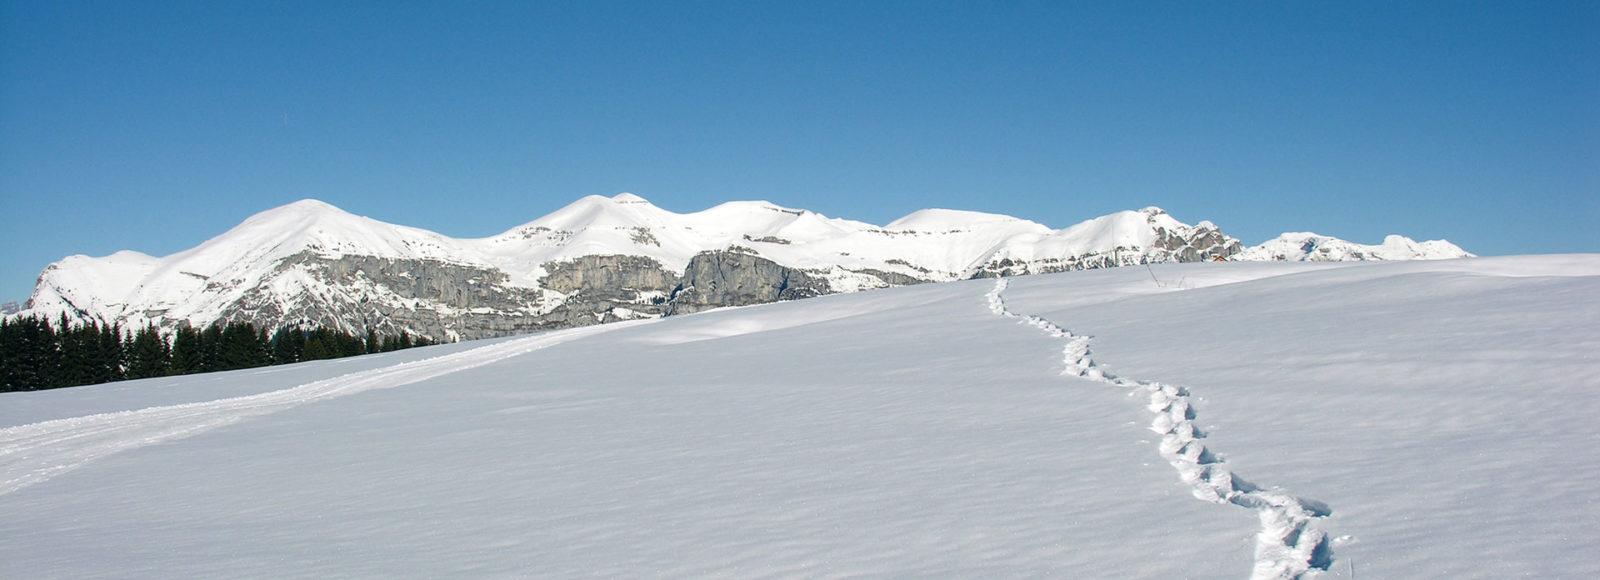 monte-avena-escursioni